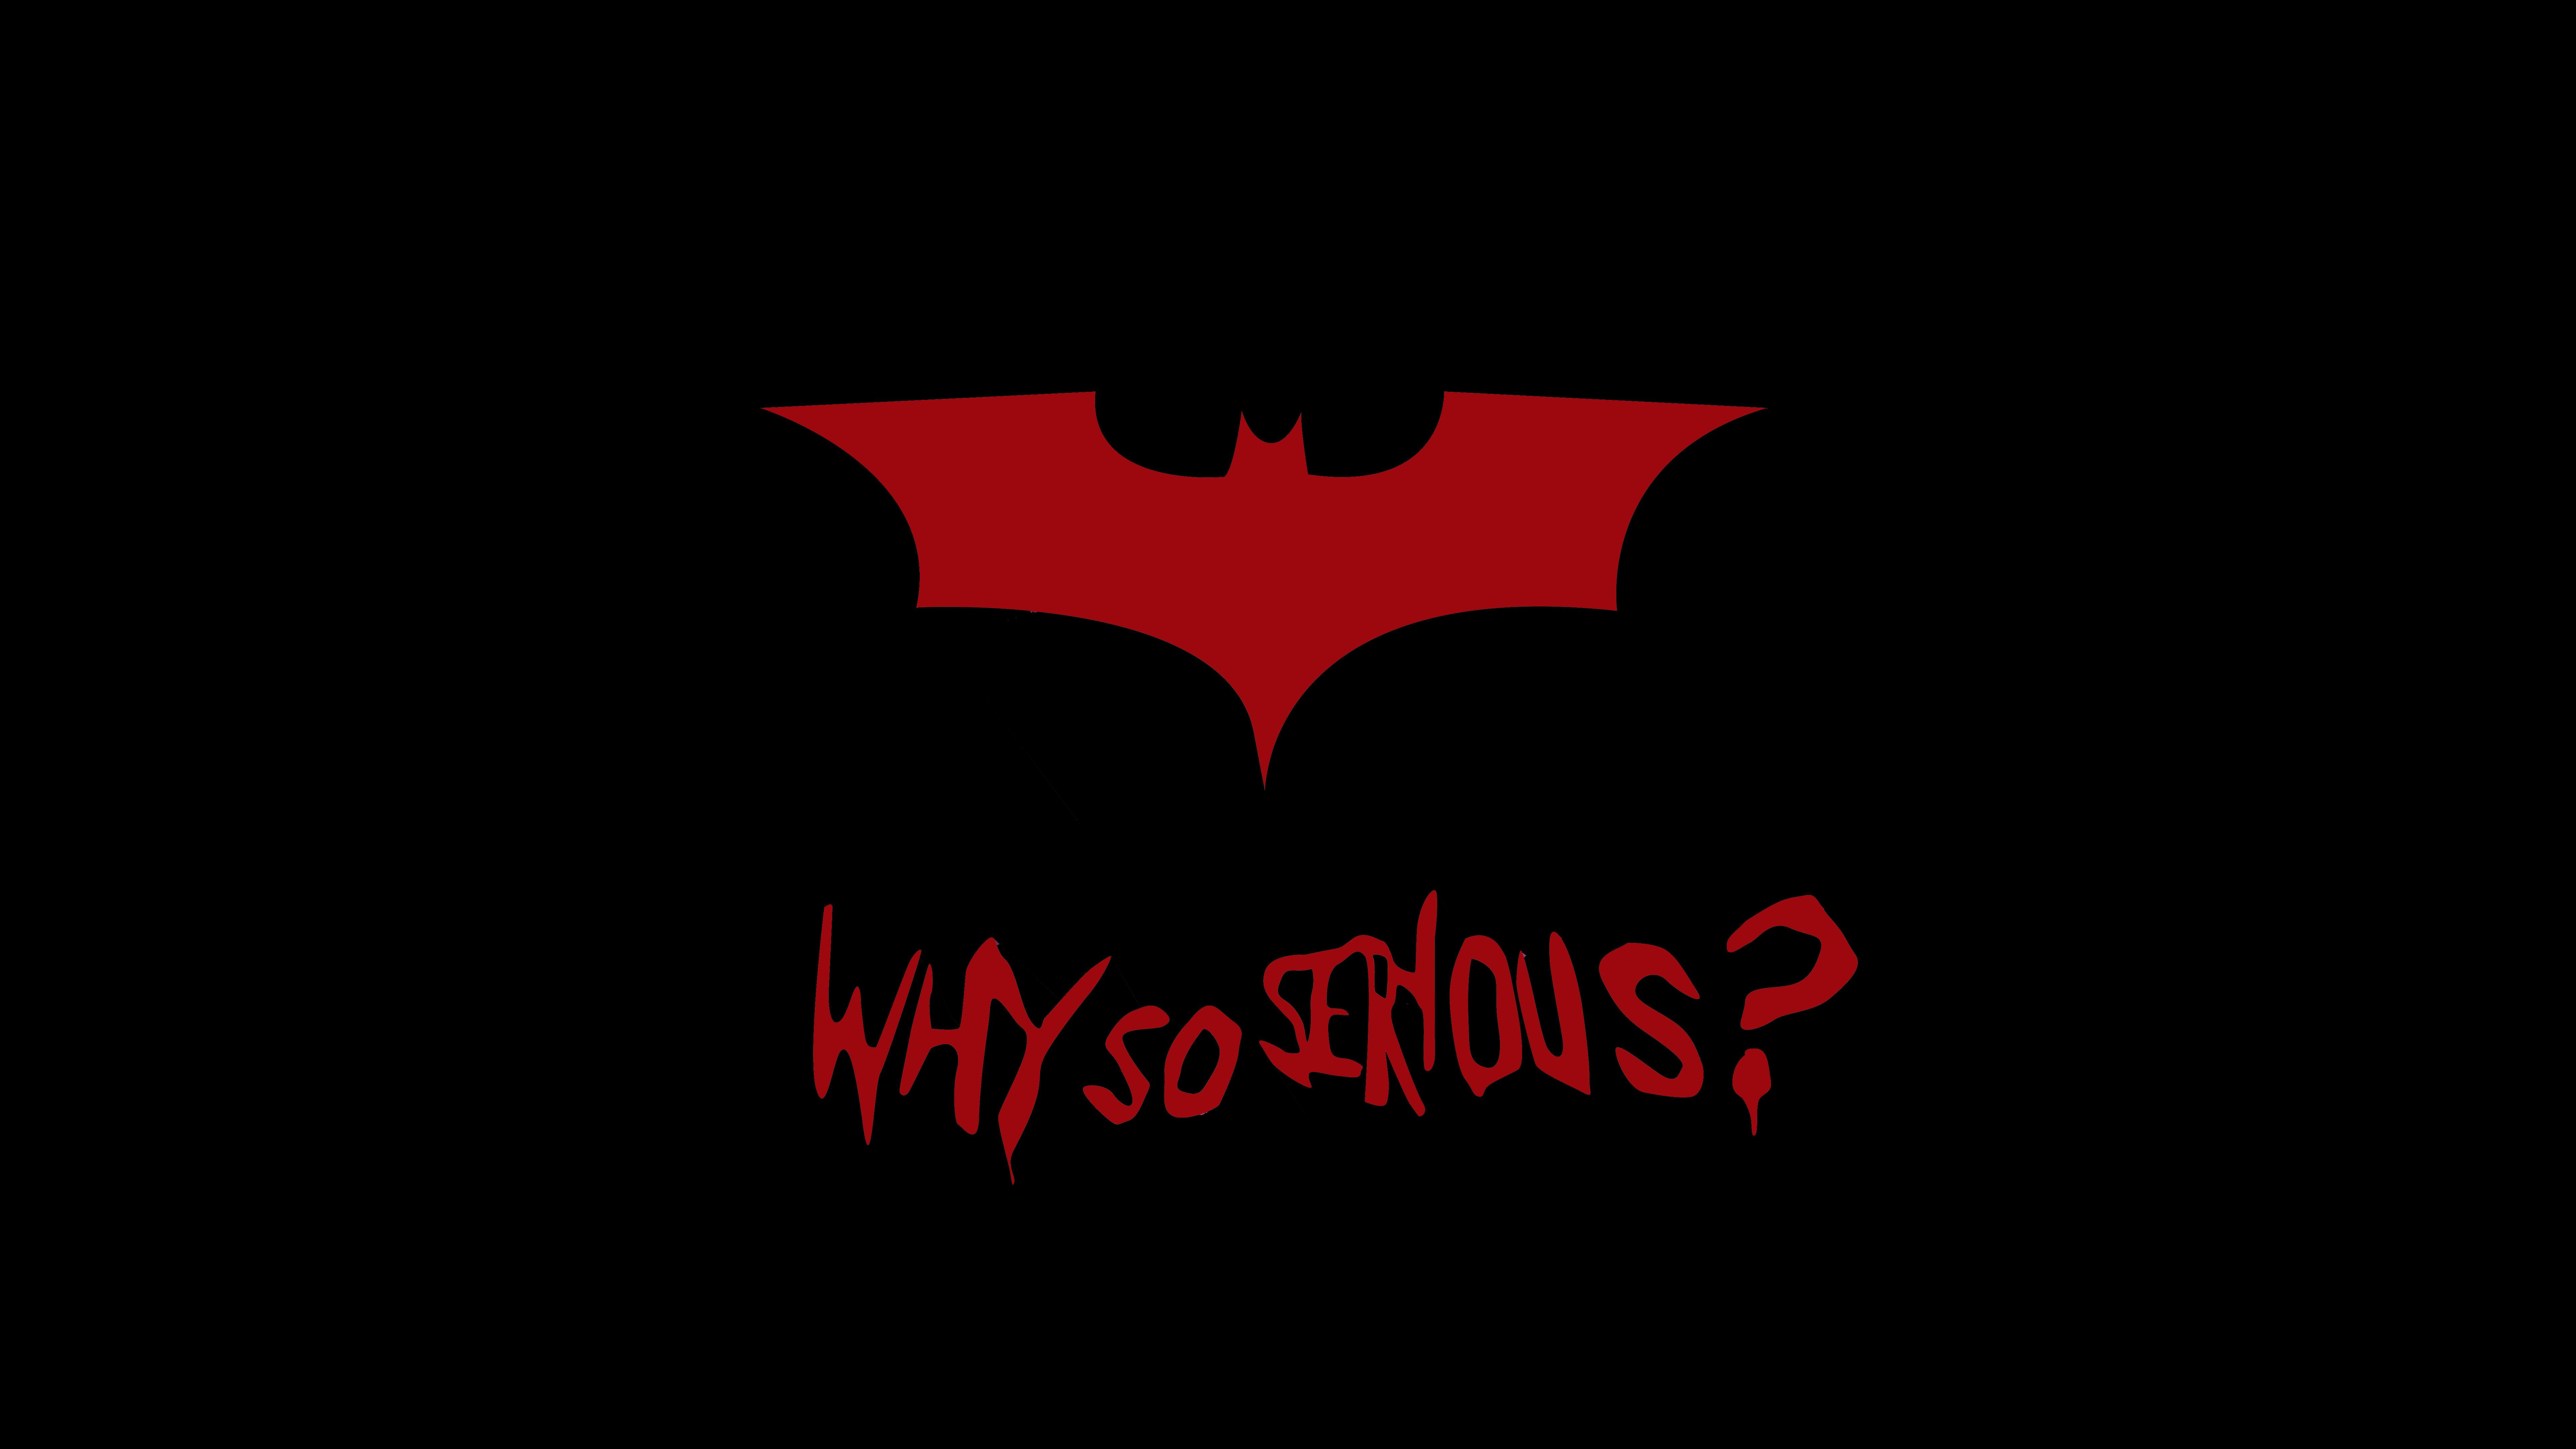 Бэтмен почему так серьезно обои скачать